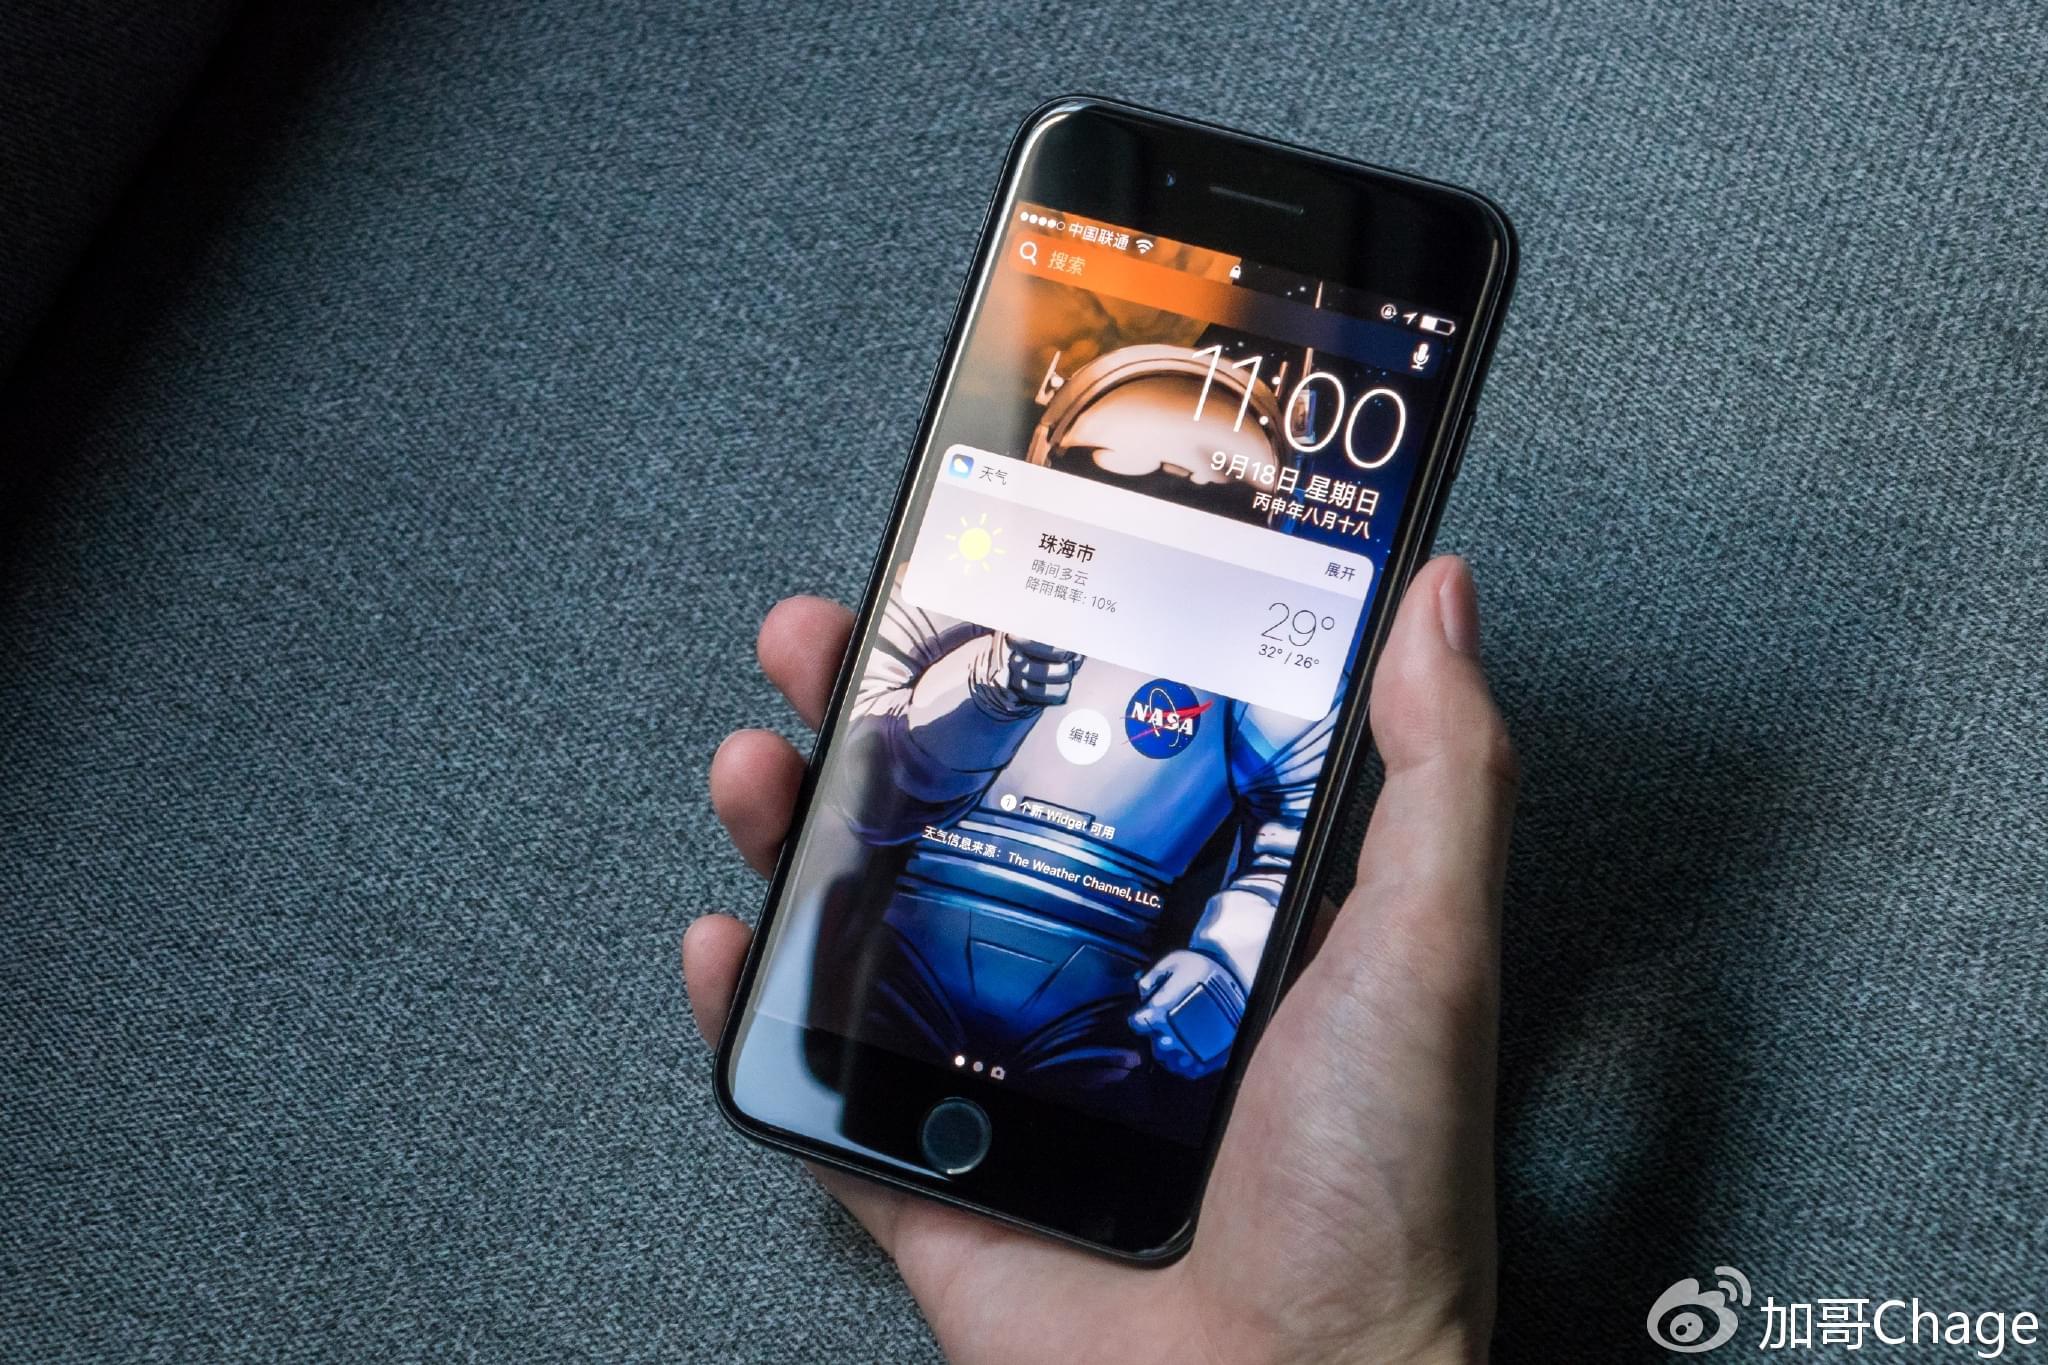 苹果的大败局?最详细的iPhone 7万字评测的照片 - 20